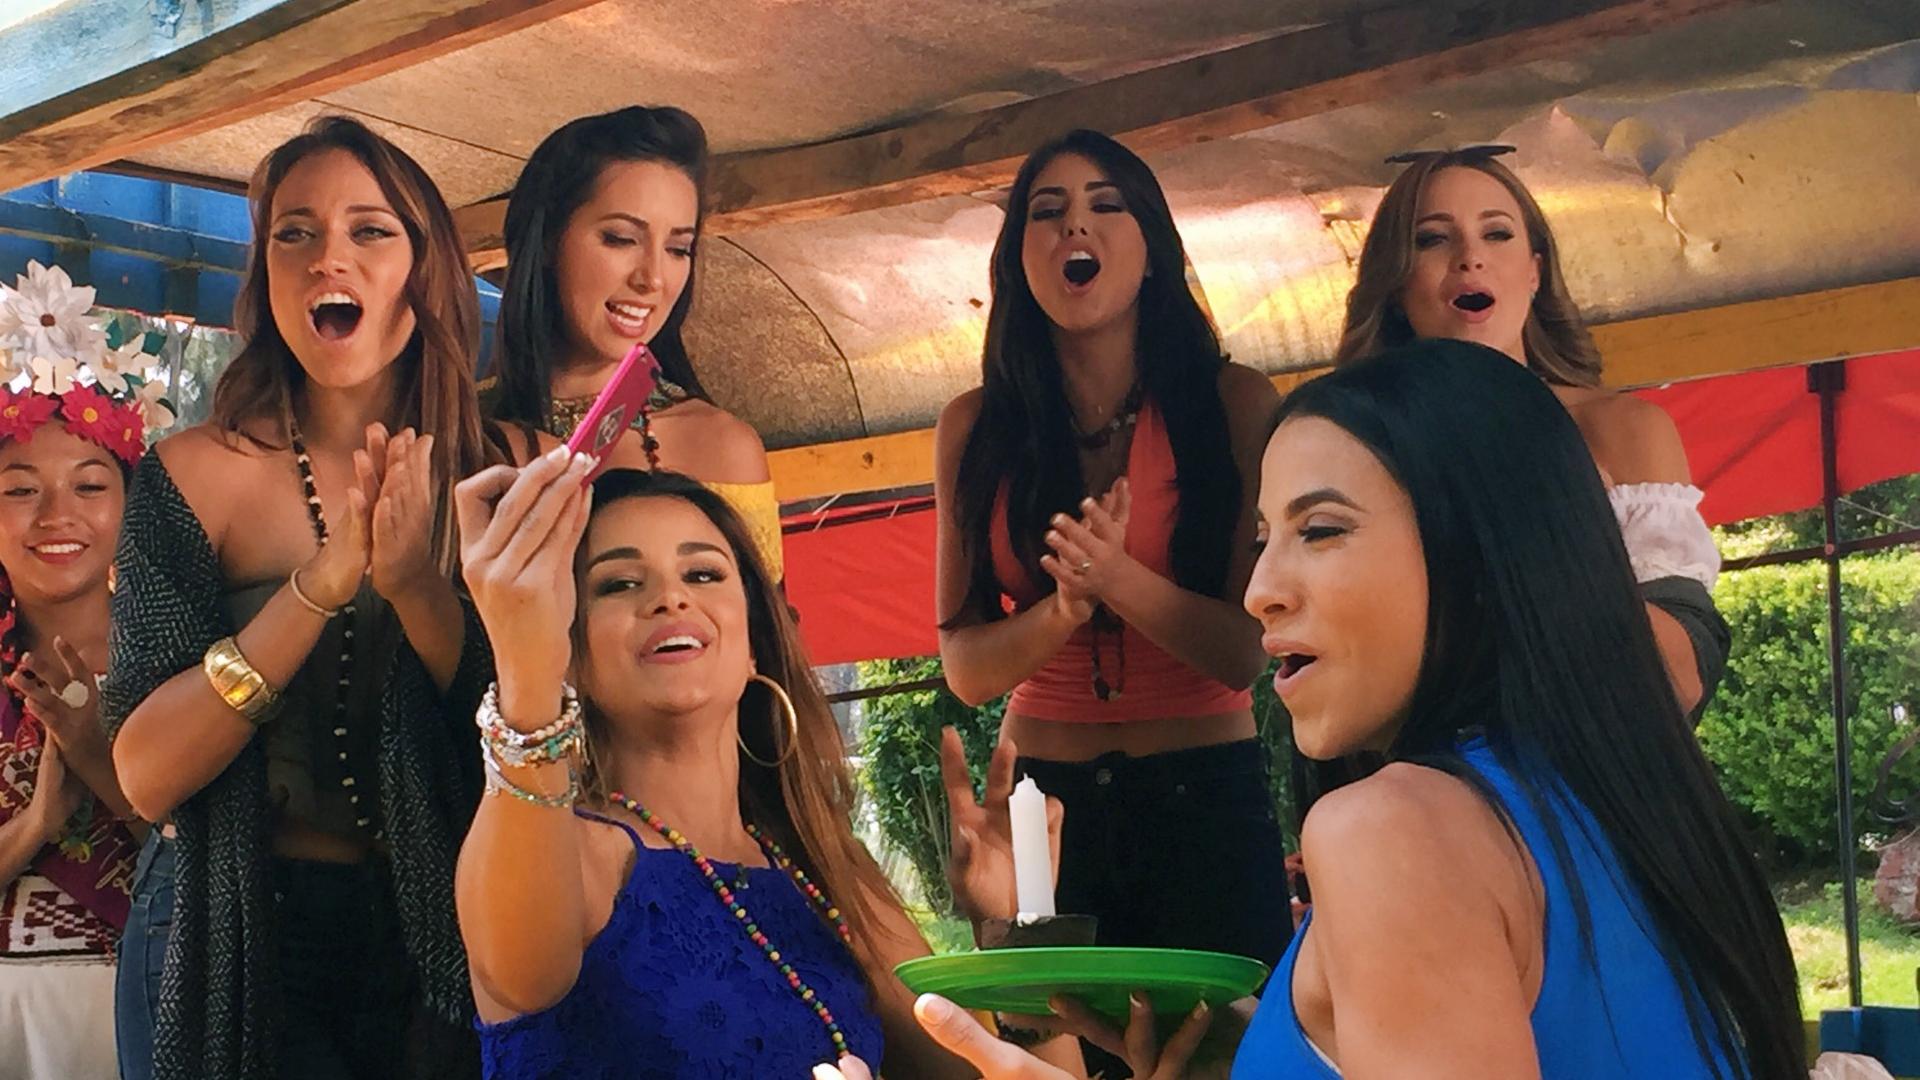 Mujeres solteras en xochimilco chica busca follar Almería-93374